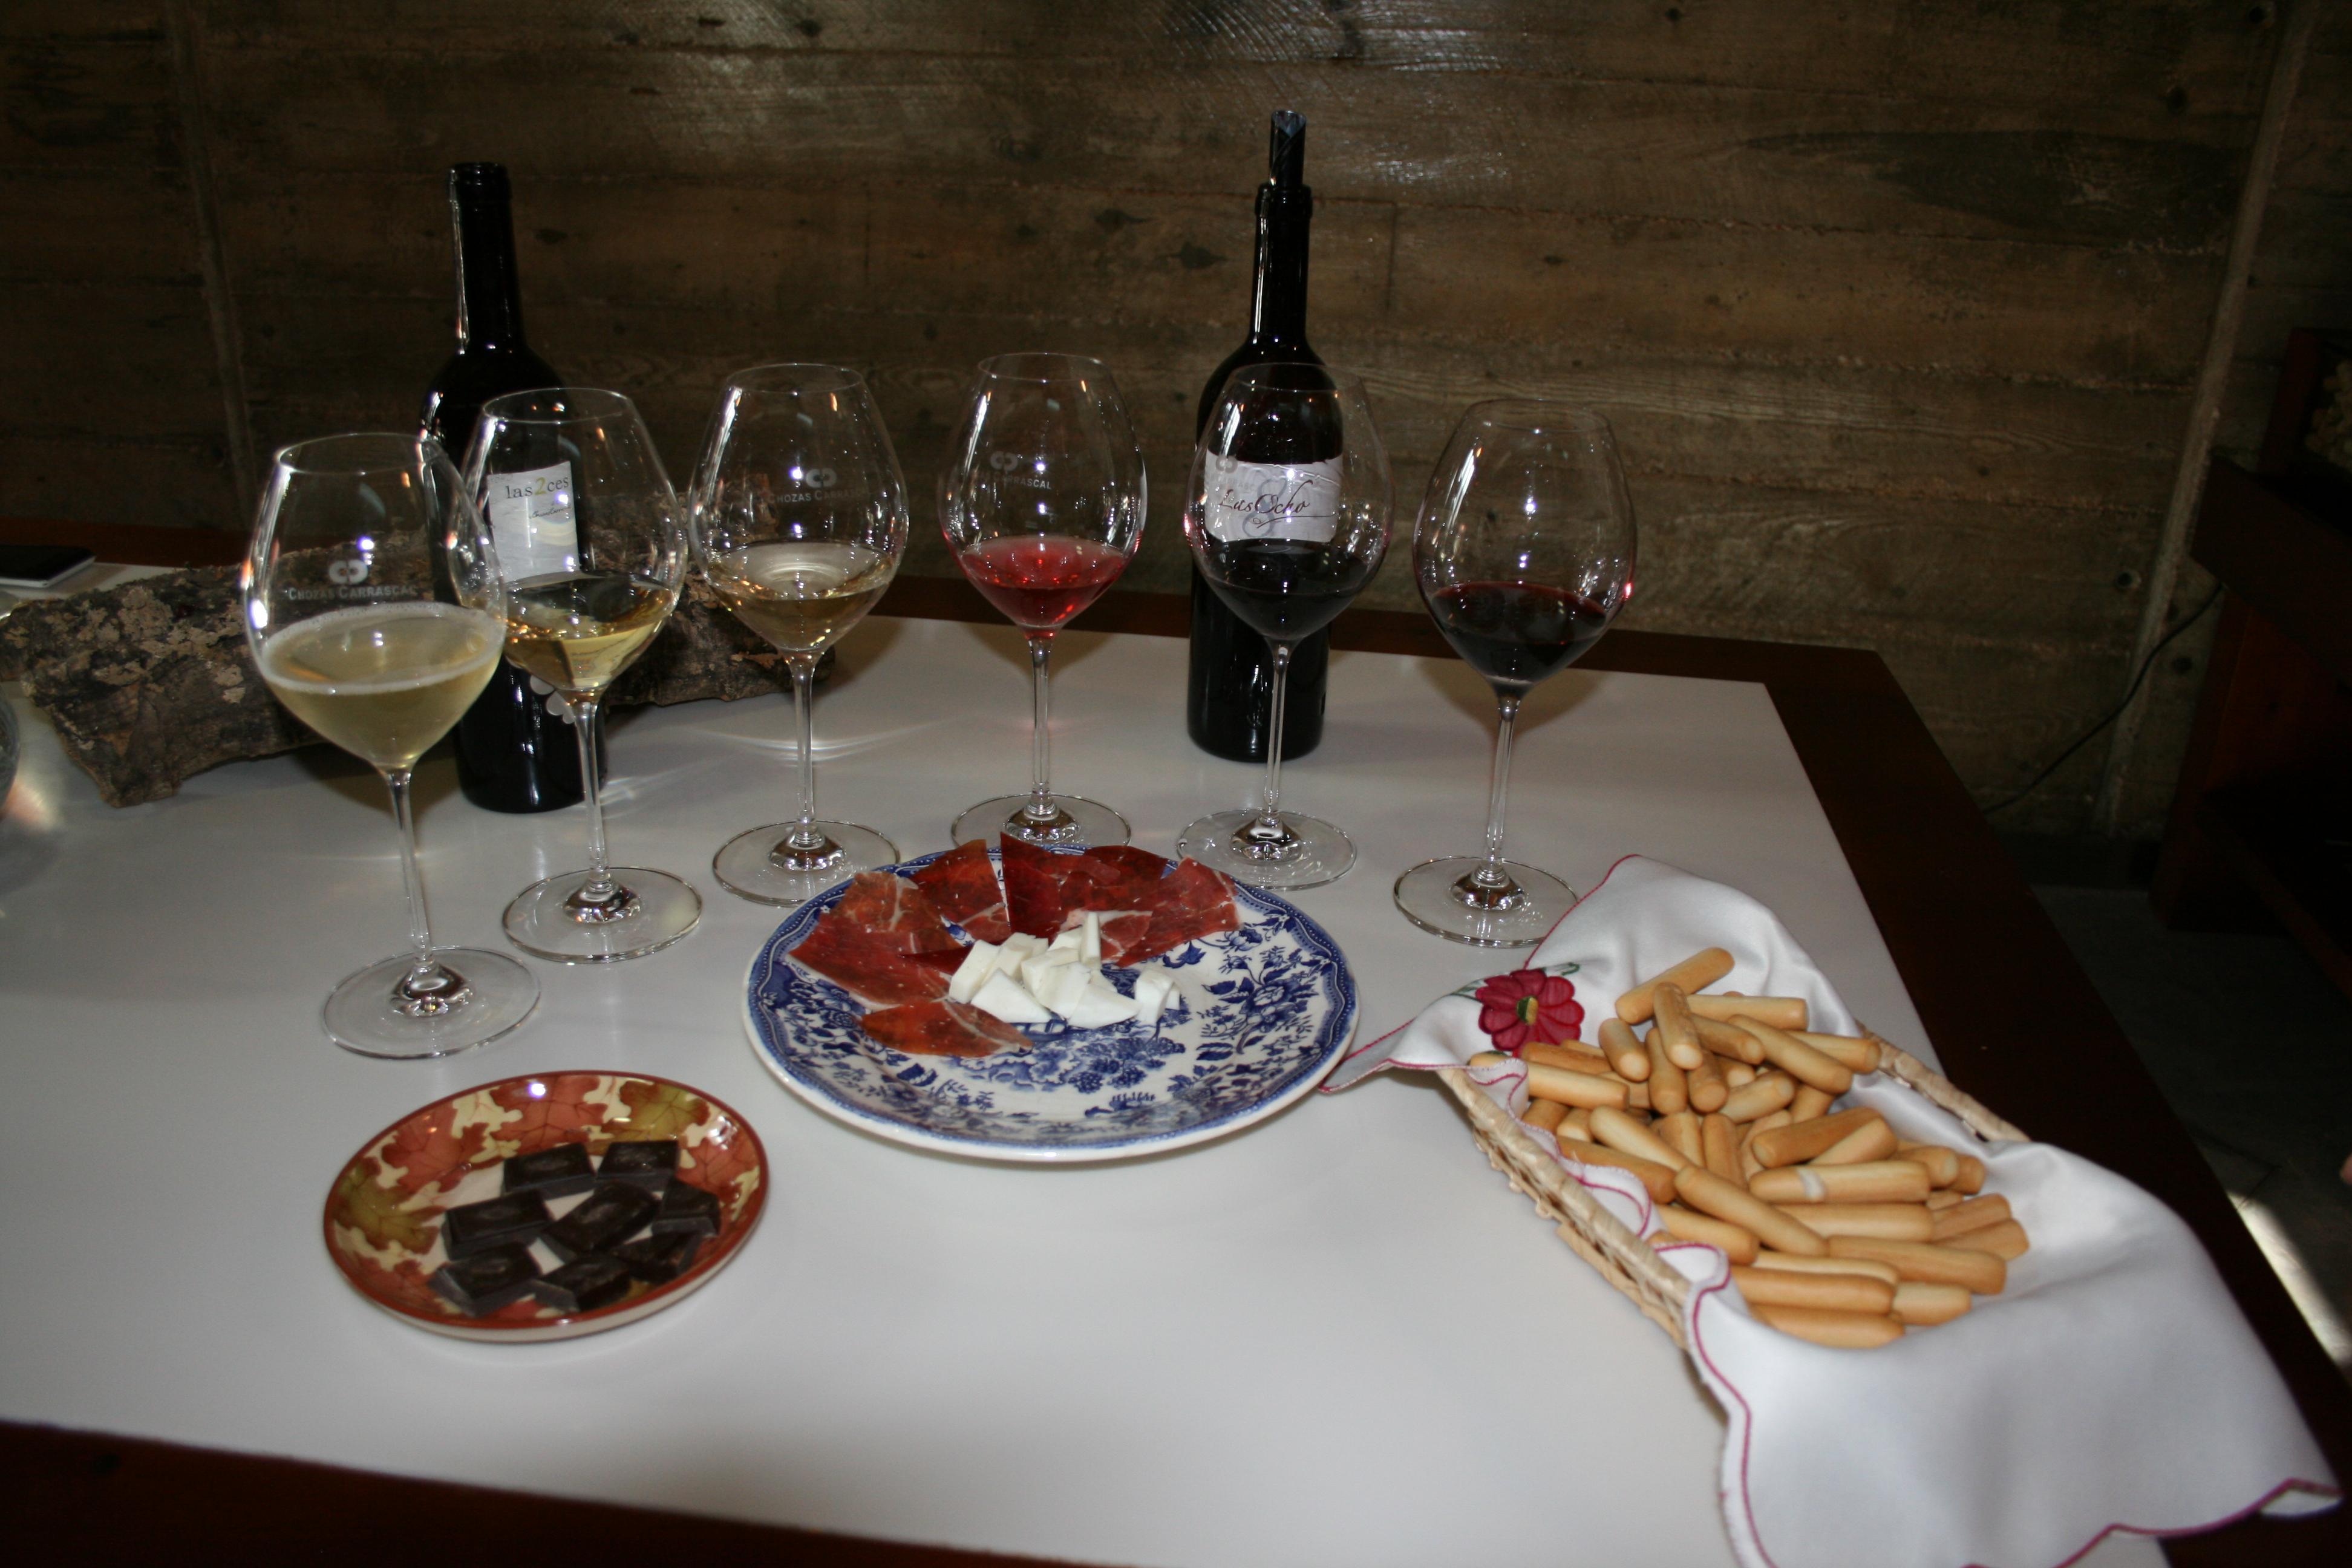 Si tomamos un vino tinto en un restaurante o en nuestra casa, hemos de refrescarlos FUENTE: utielrequena.org